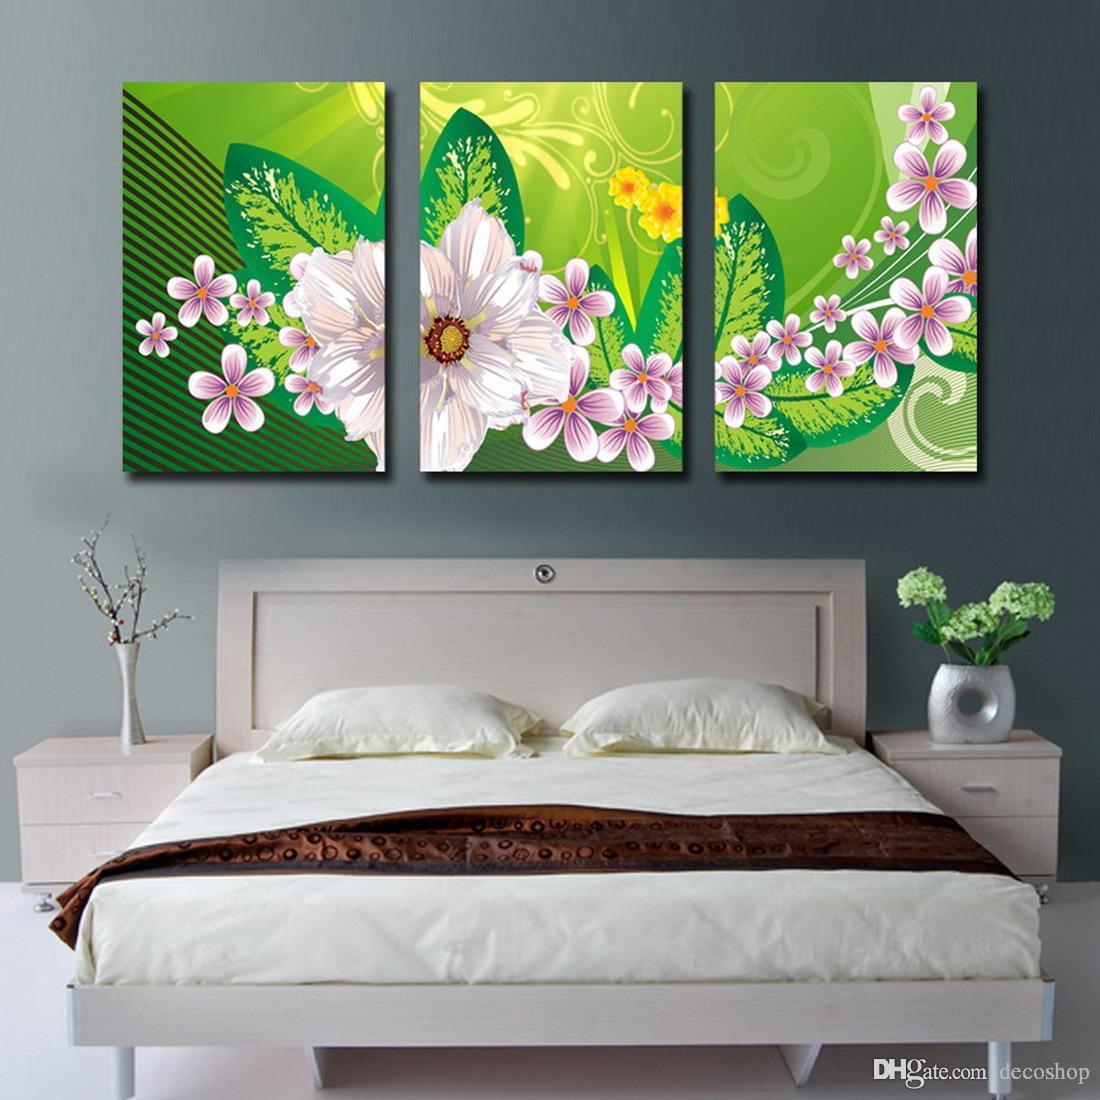 현대 아름 다운 꽃 괜 찮 아 요 꽃 그림 Giclee 캔버스에 인쇄 홈 장식 벽 예술 Set30185